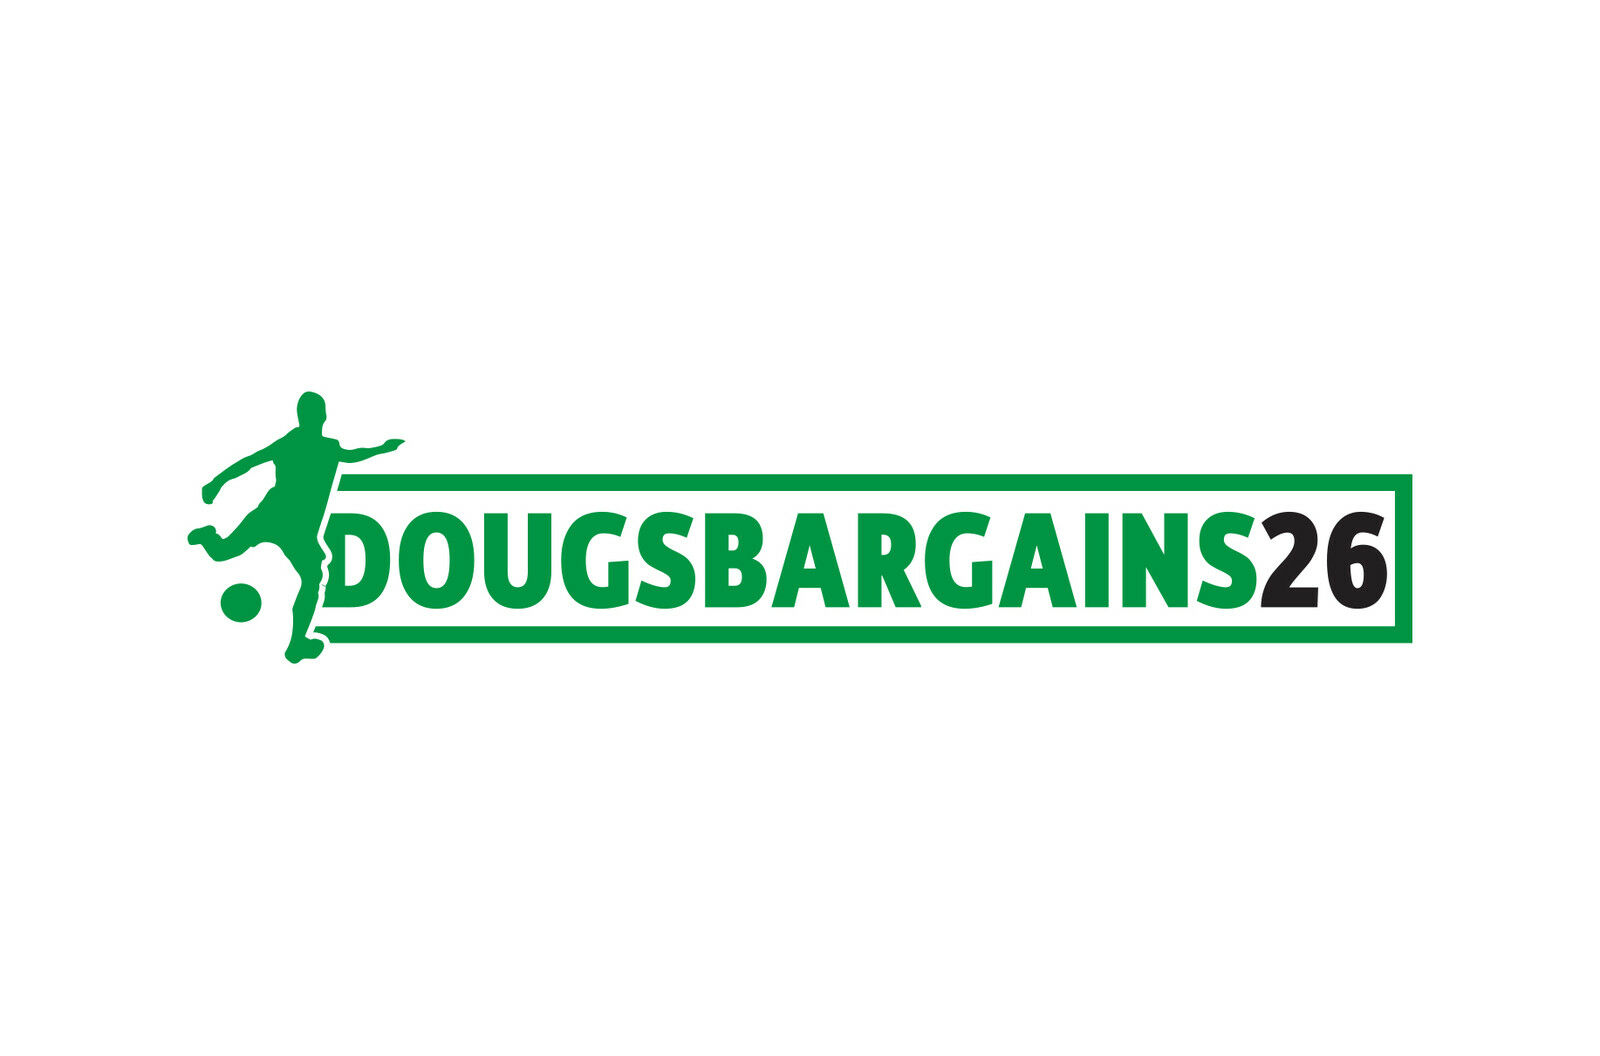 dougsbargains26